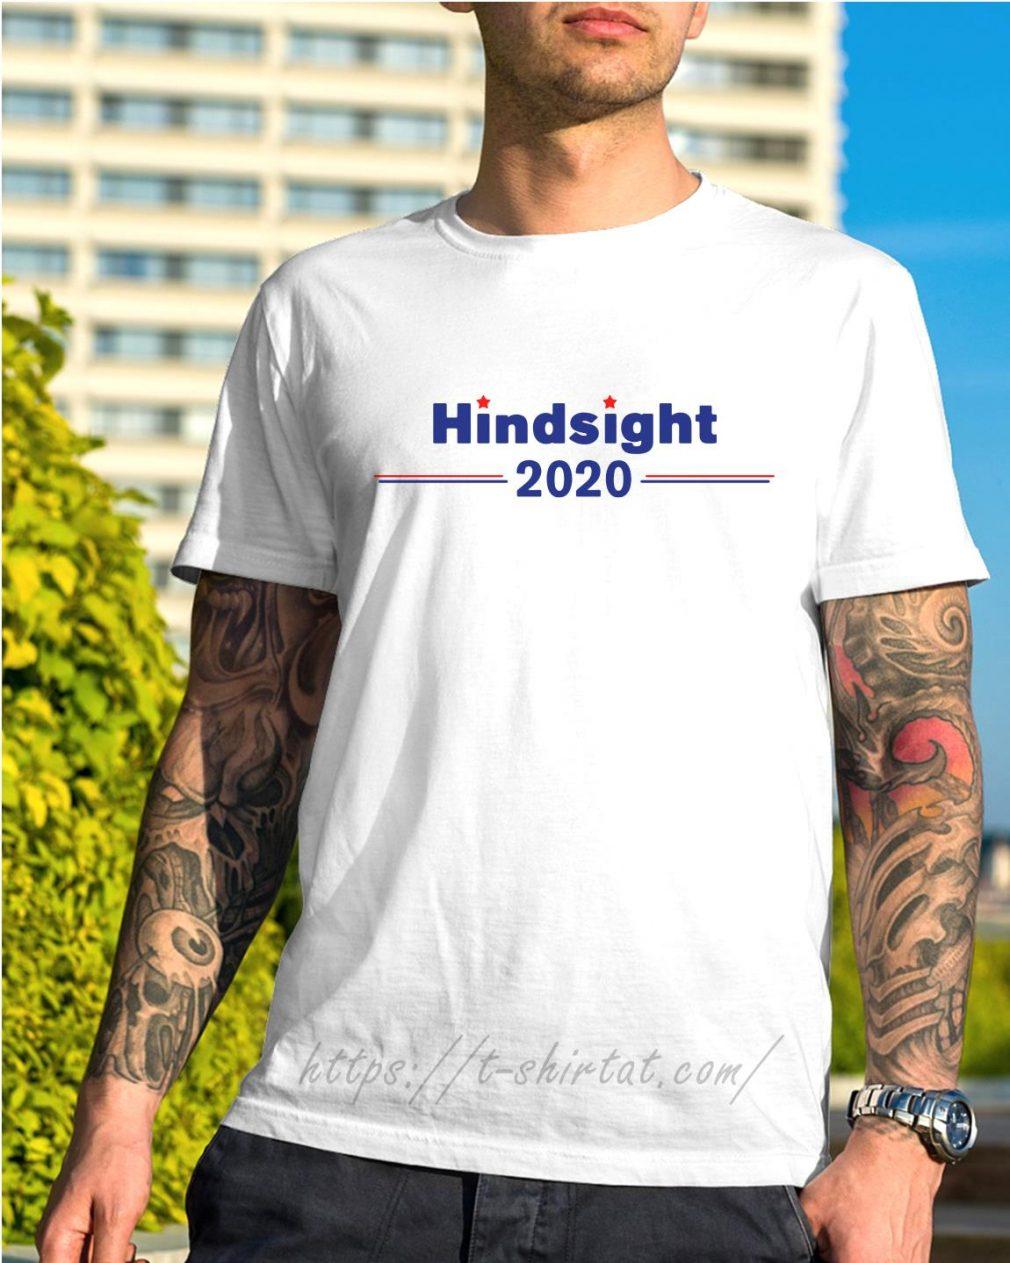 Hindsight 2020 shirt